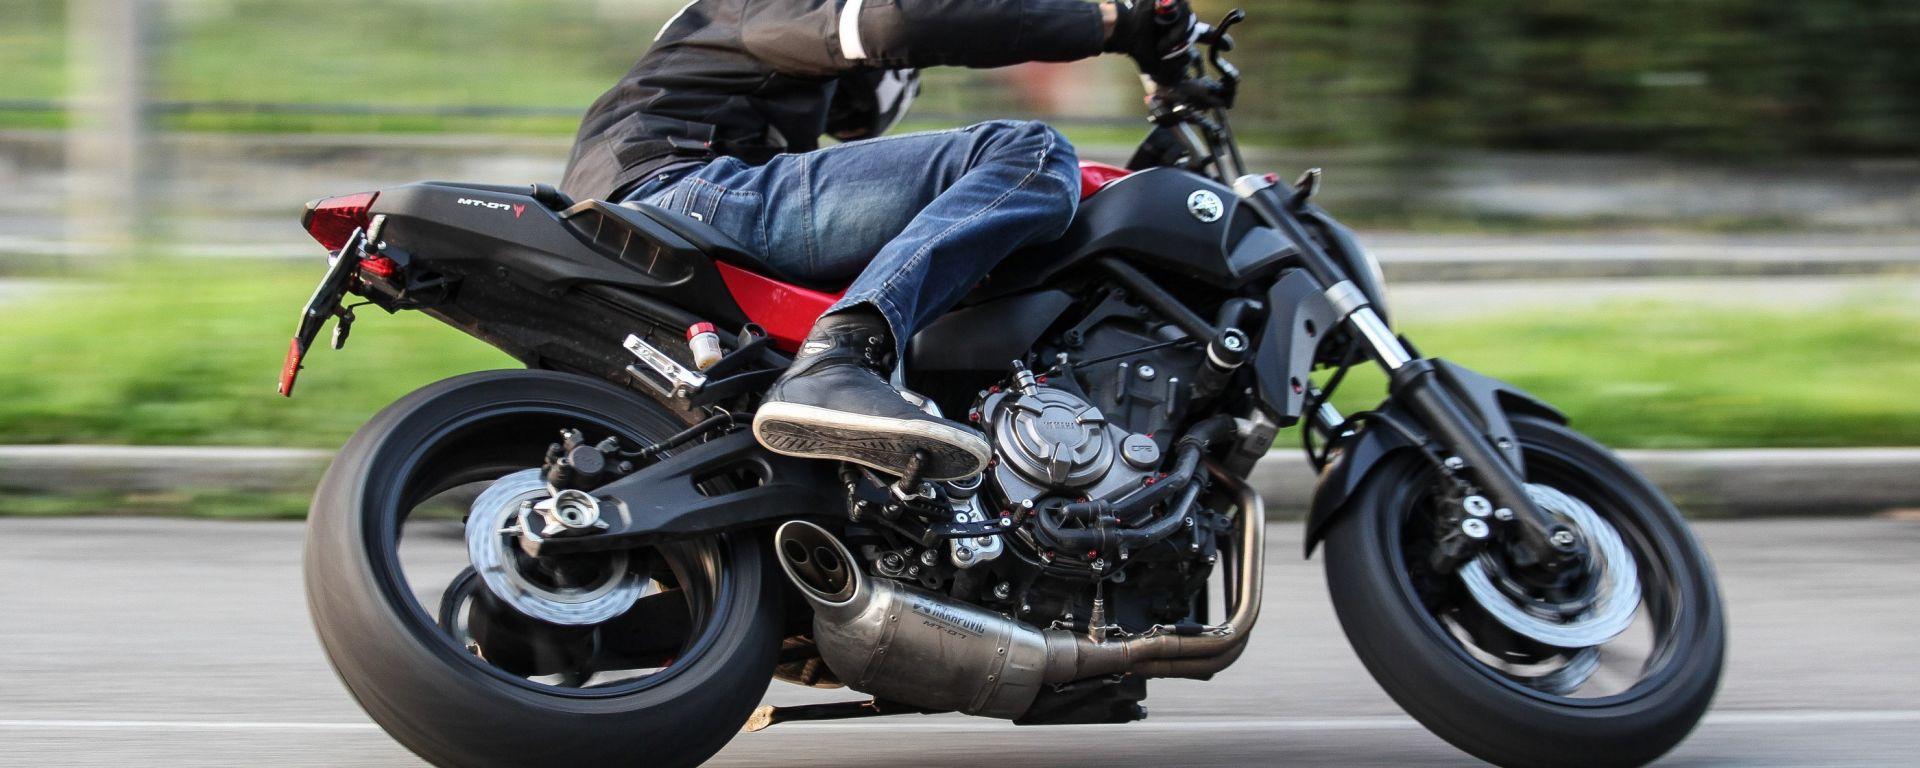 Yamaha MT-07, la prova in strada